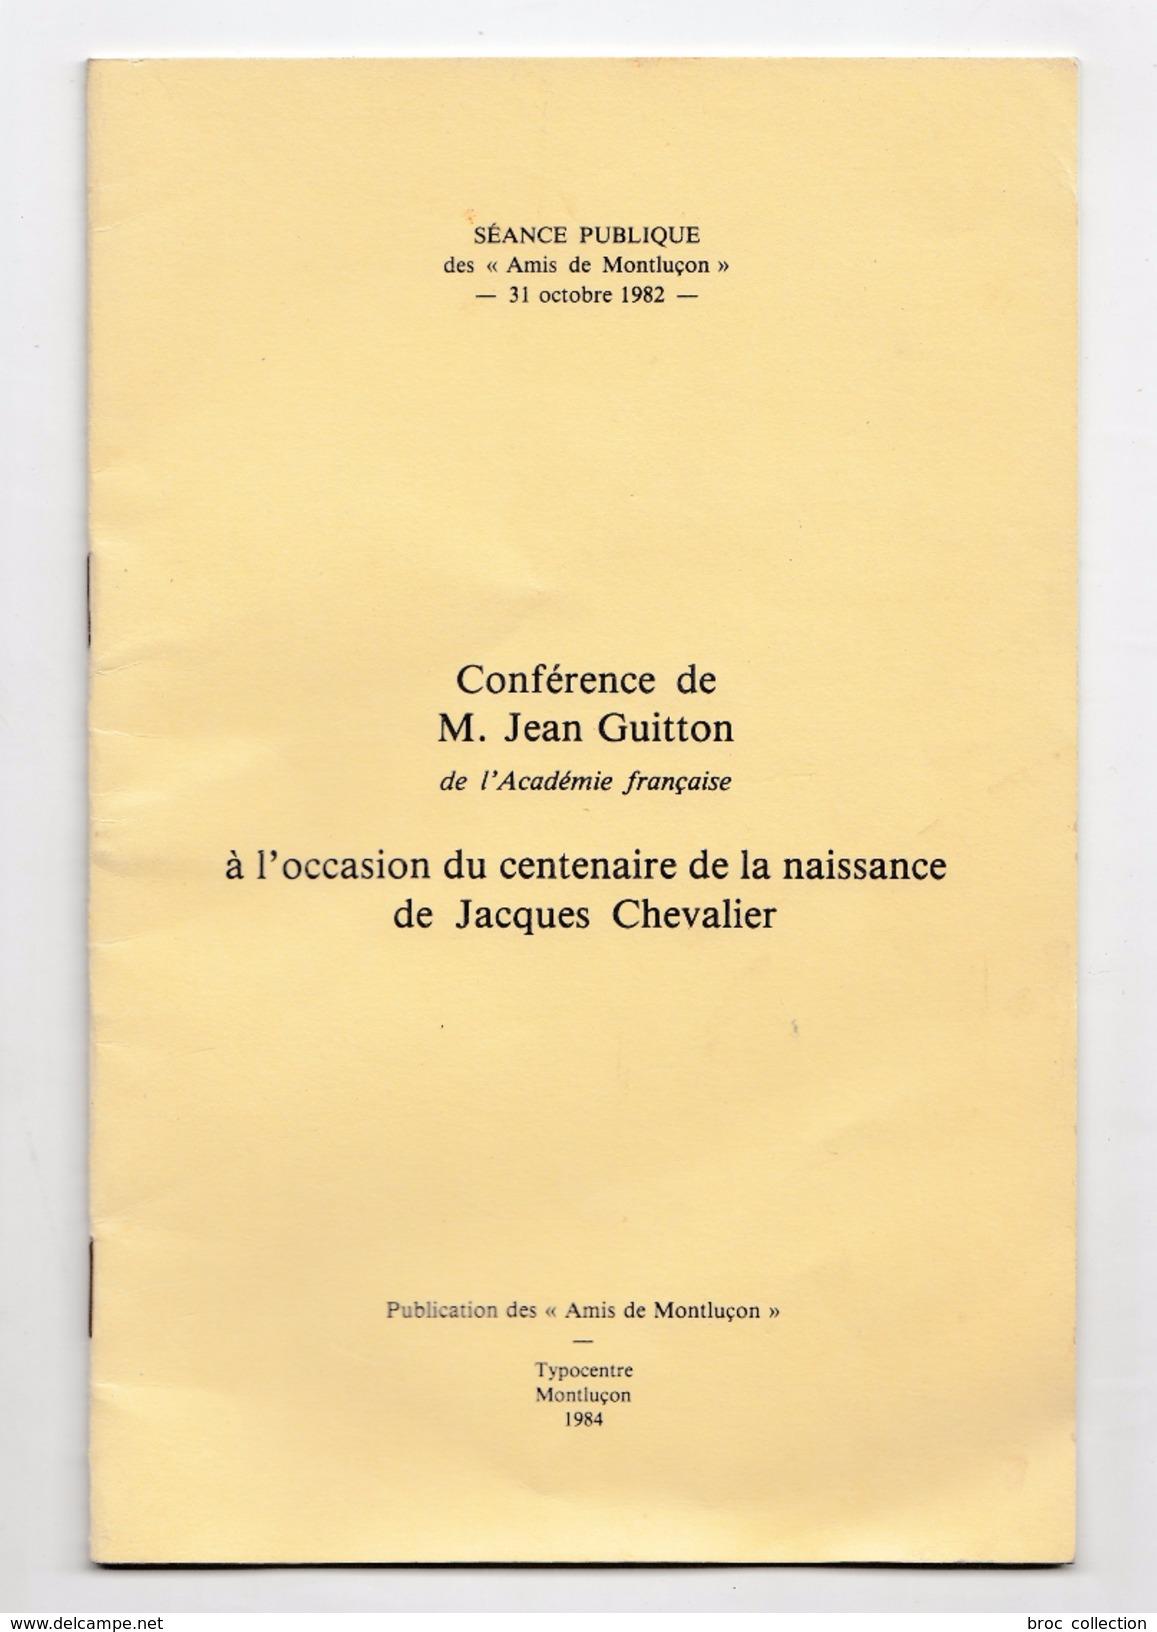 Conférence De M. Jean Guitton à L'occasion Du Centenaire De Jacques Chevalier, 1982, Amis De Montluçon (Cérilly) - Bourbonnais